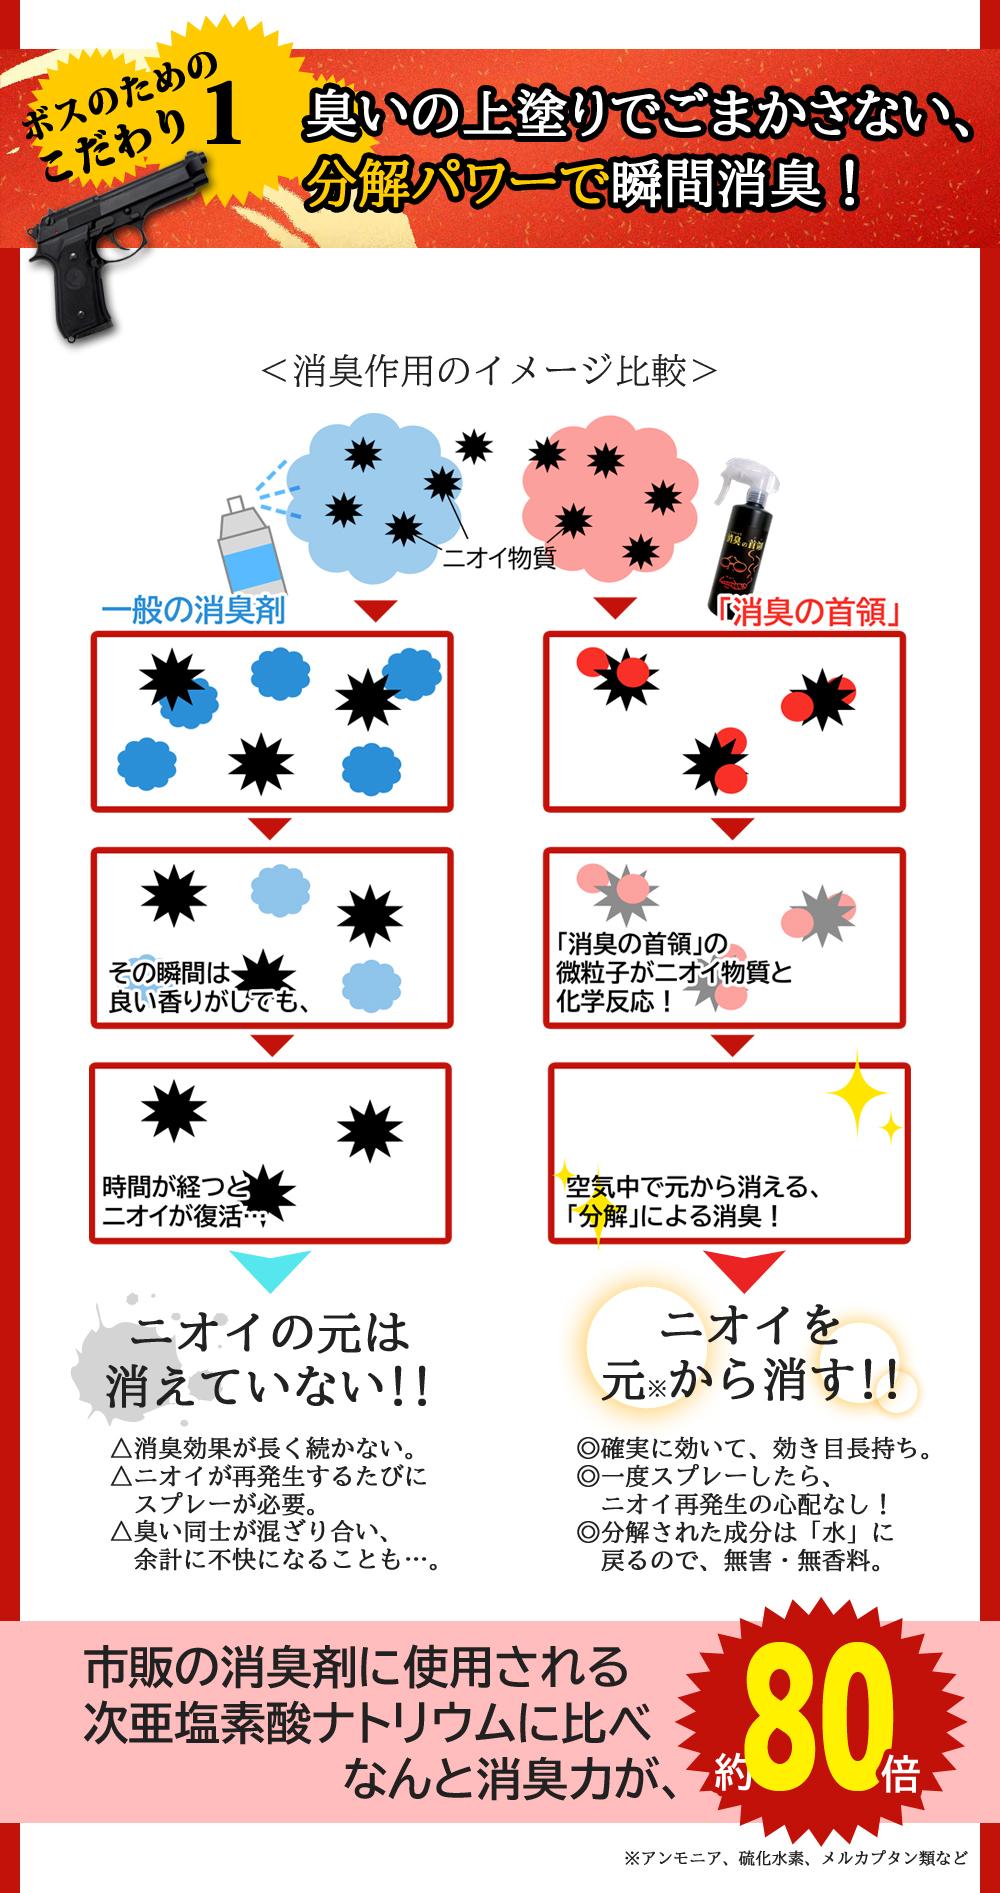 消臭効果の説明